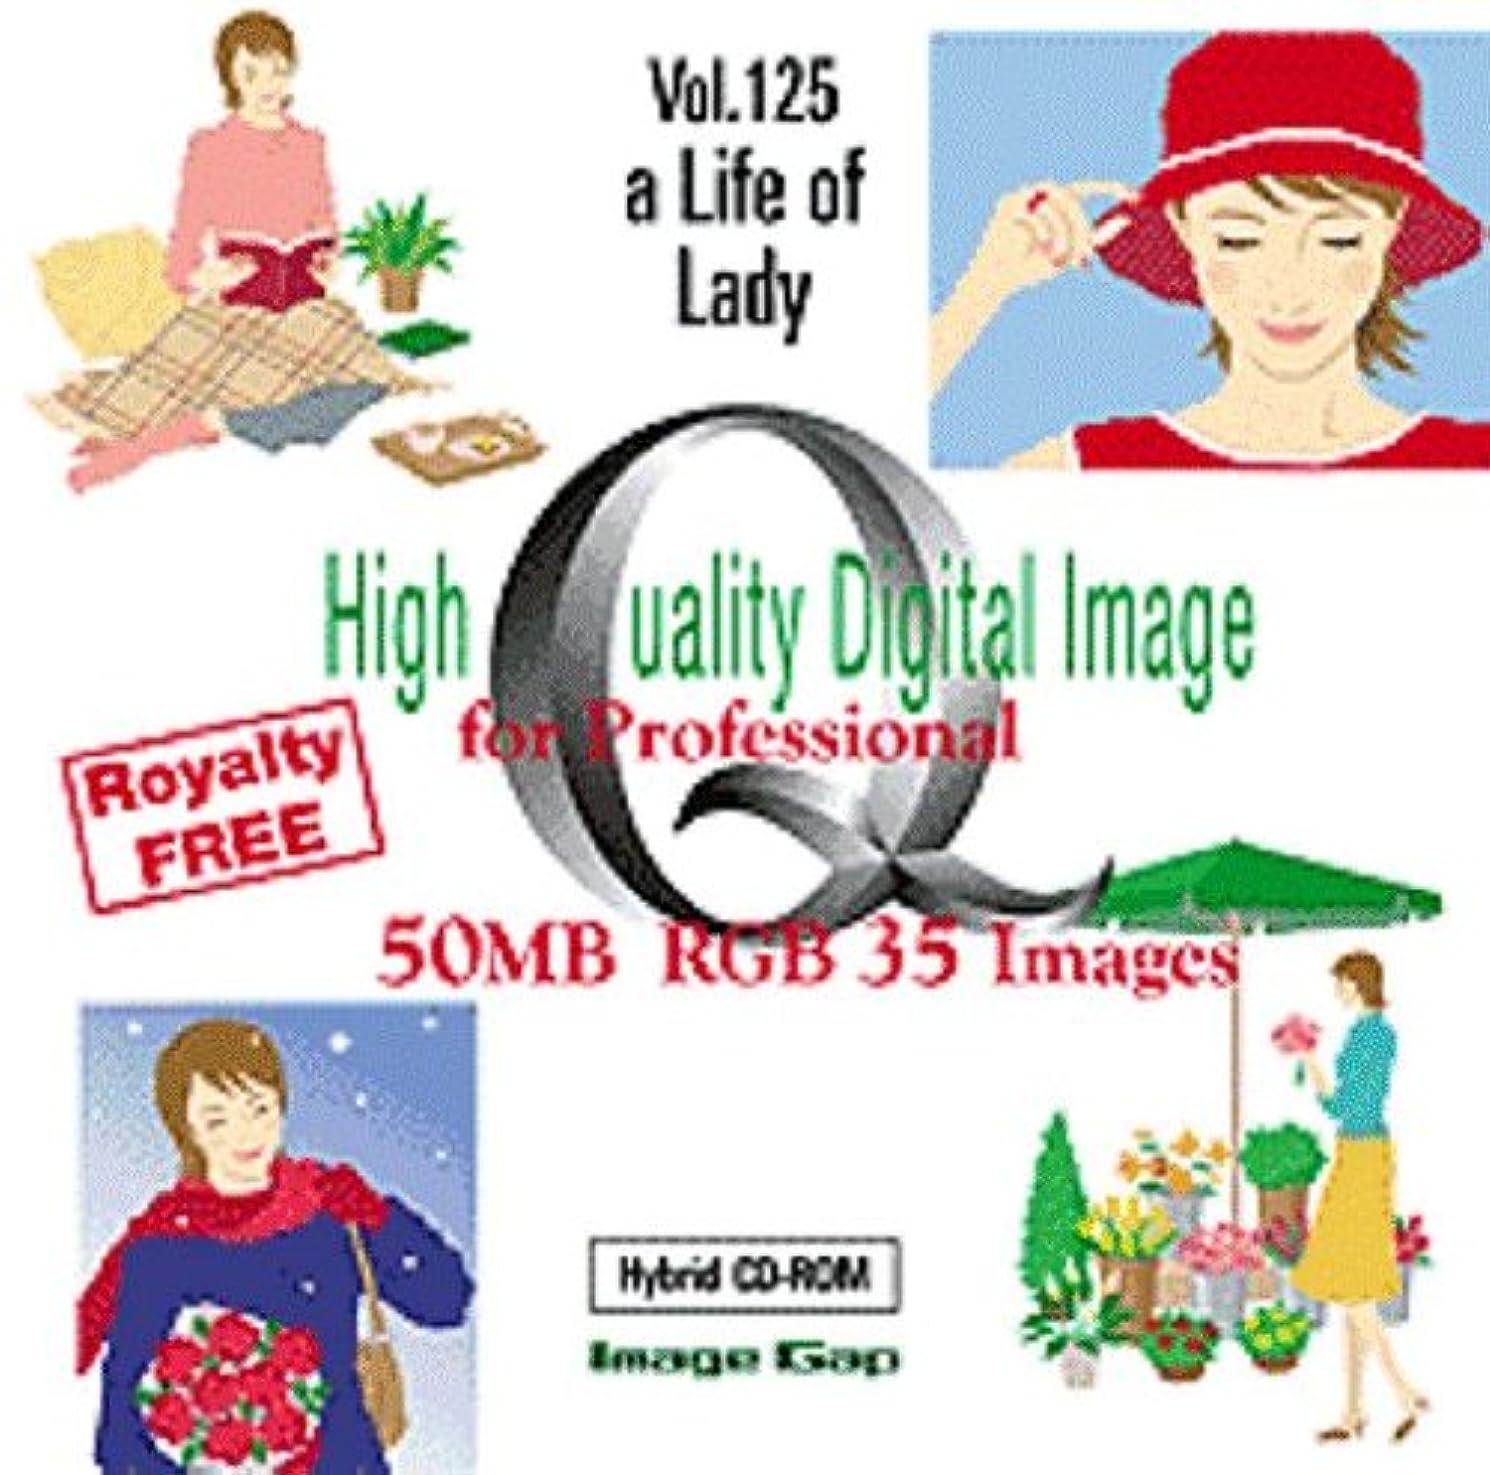 不名誉な明快前進High Quality Digital Image for Professional a Life of Lady